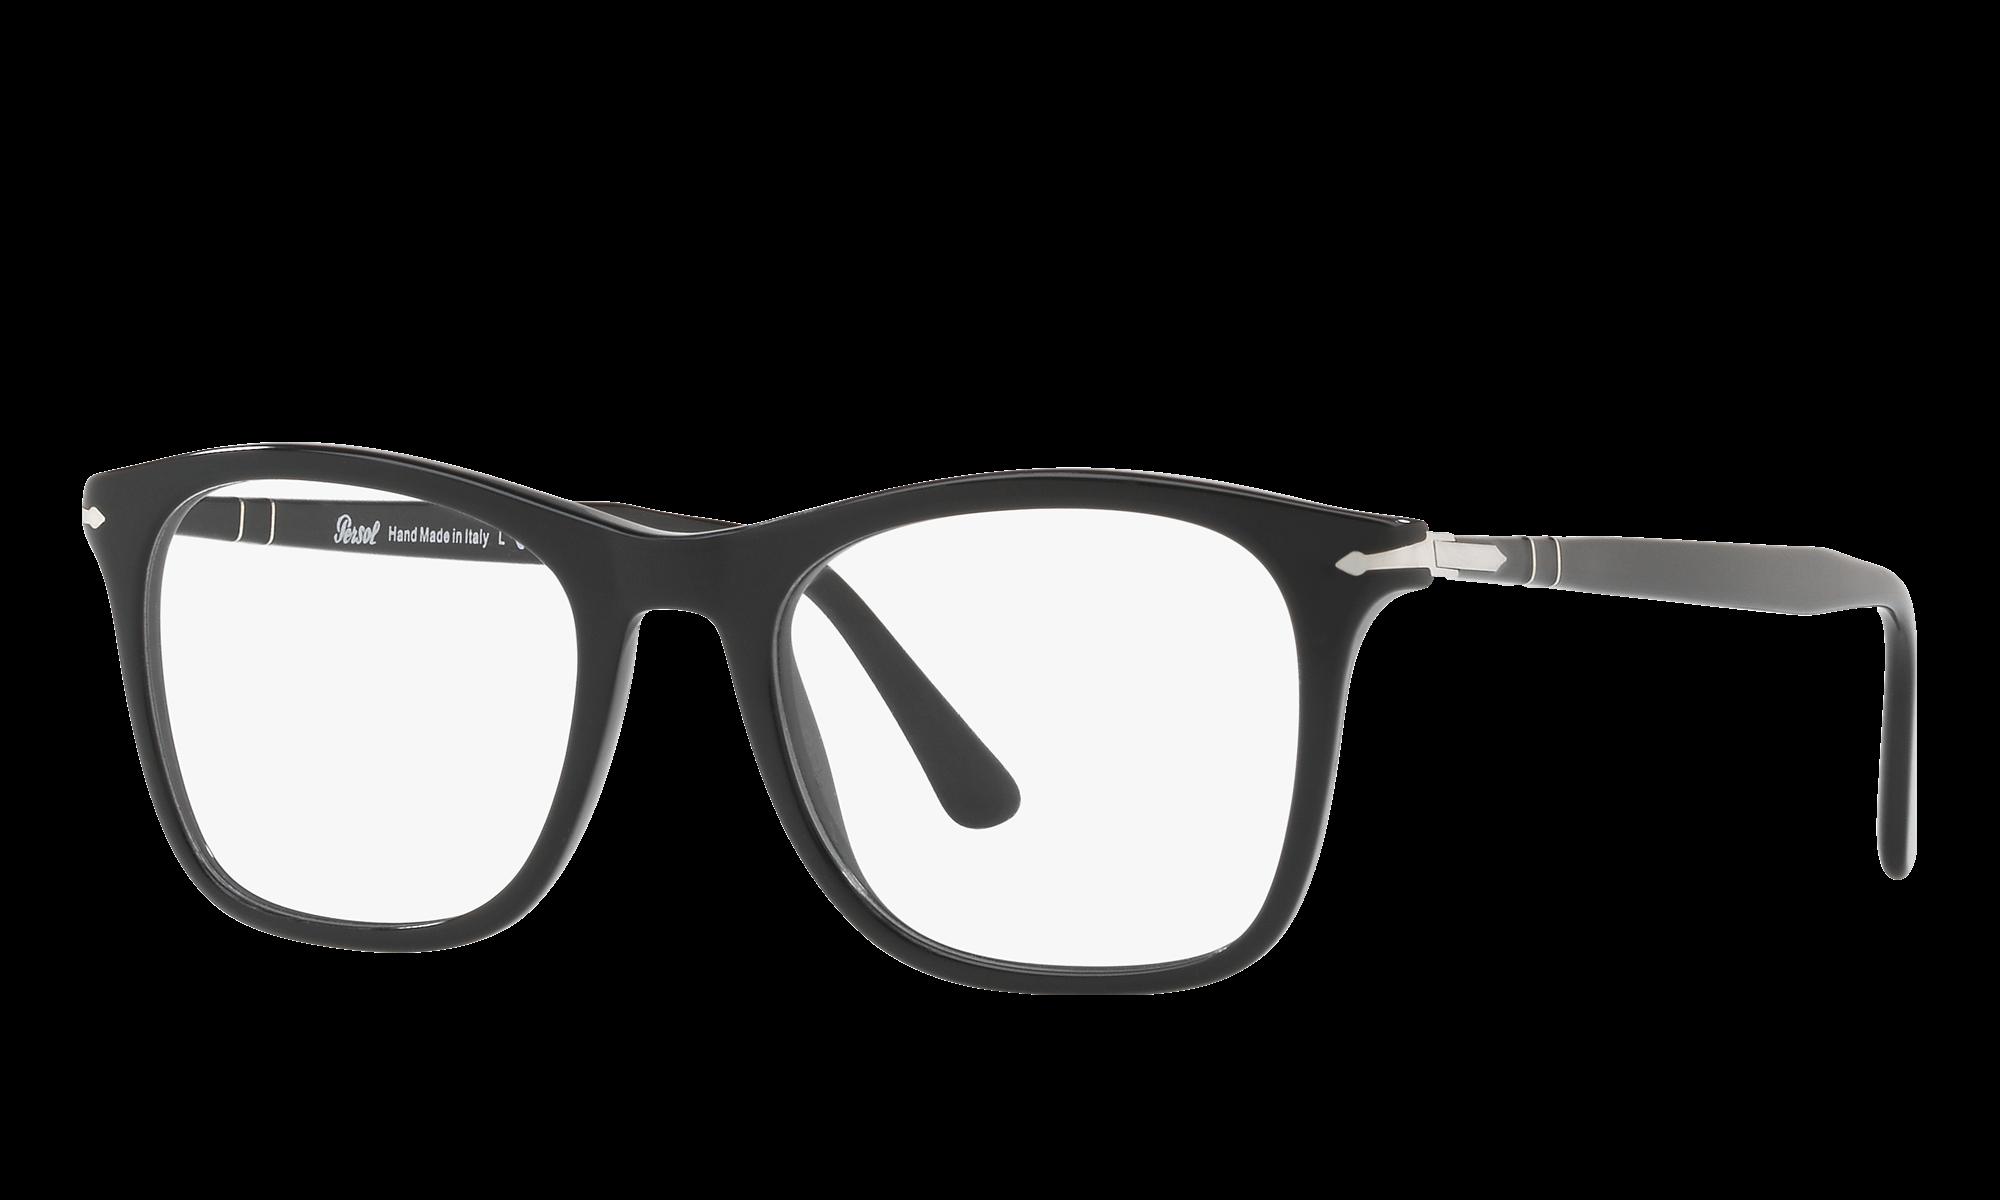 Persol PO3188V Black Eyeglasses | Glasses.com® | Free Shipping